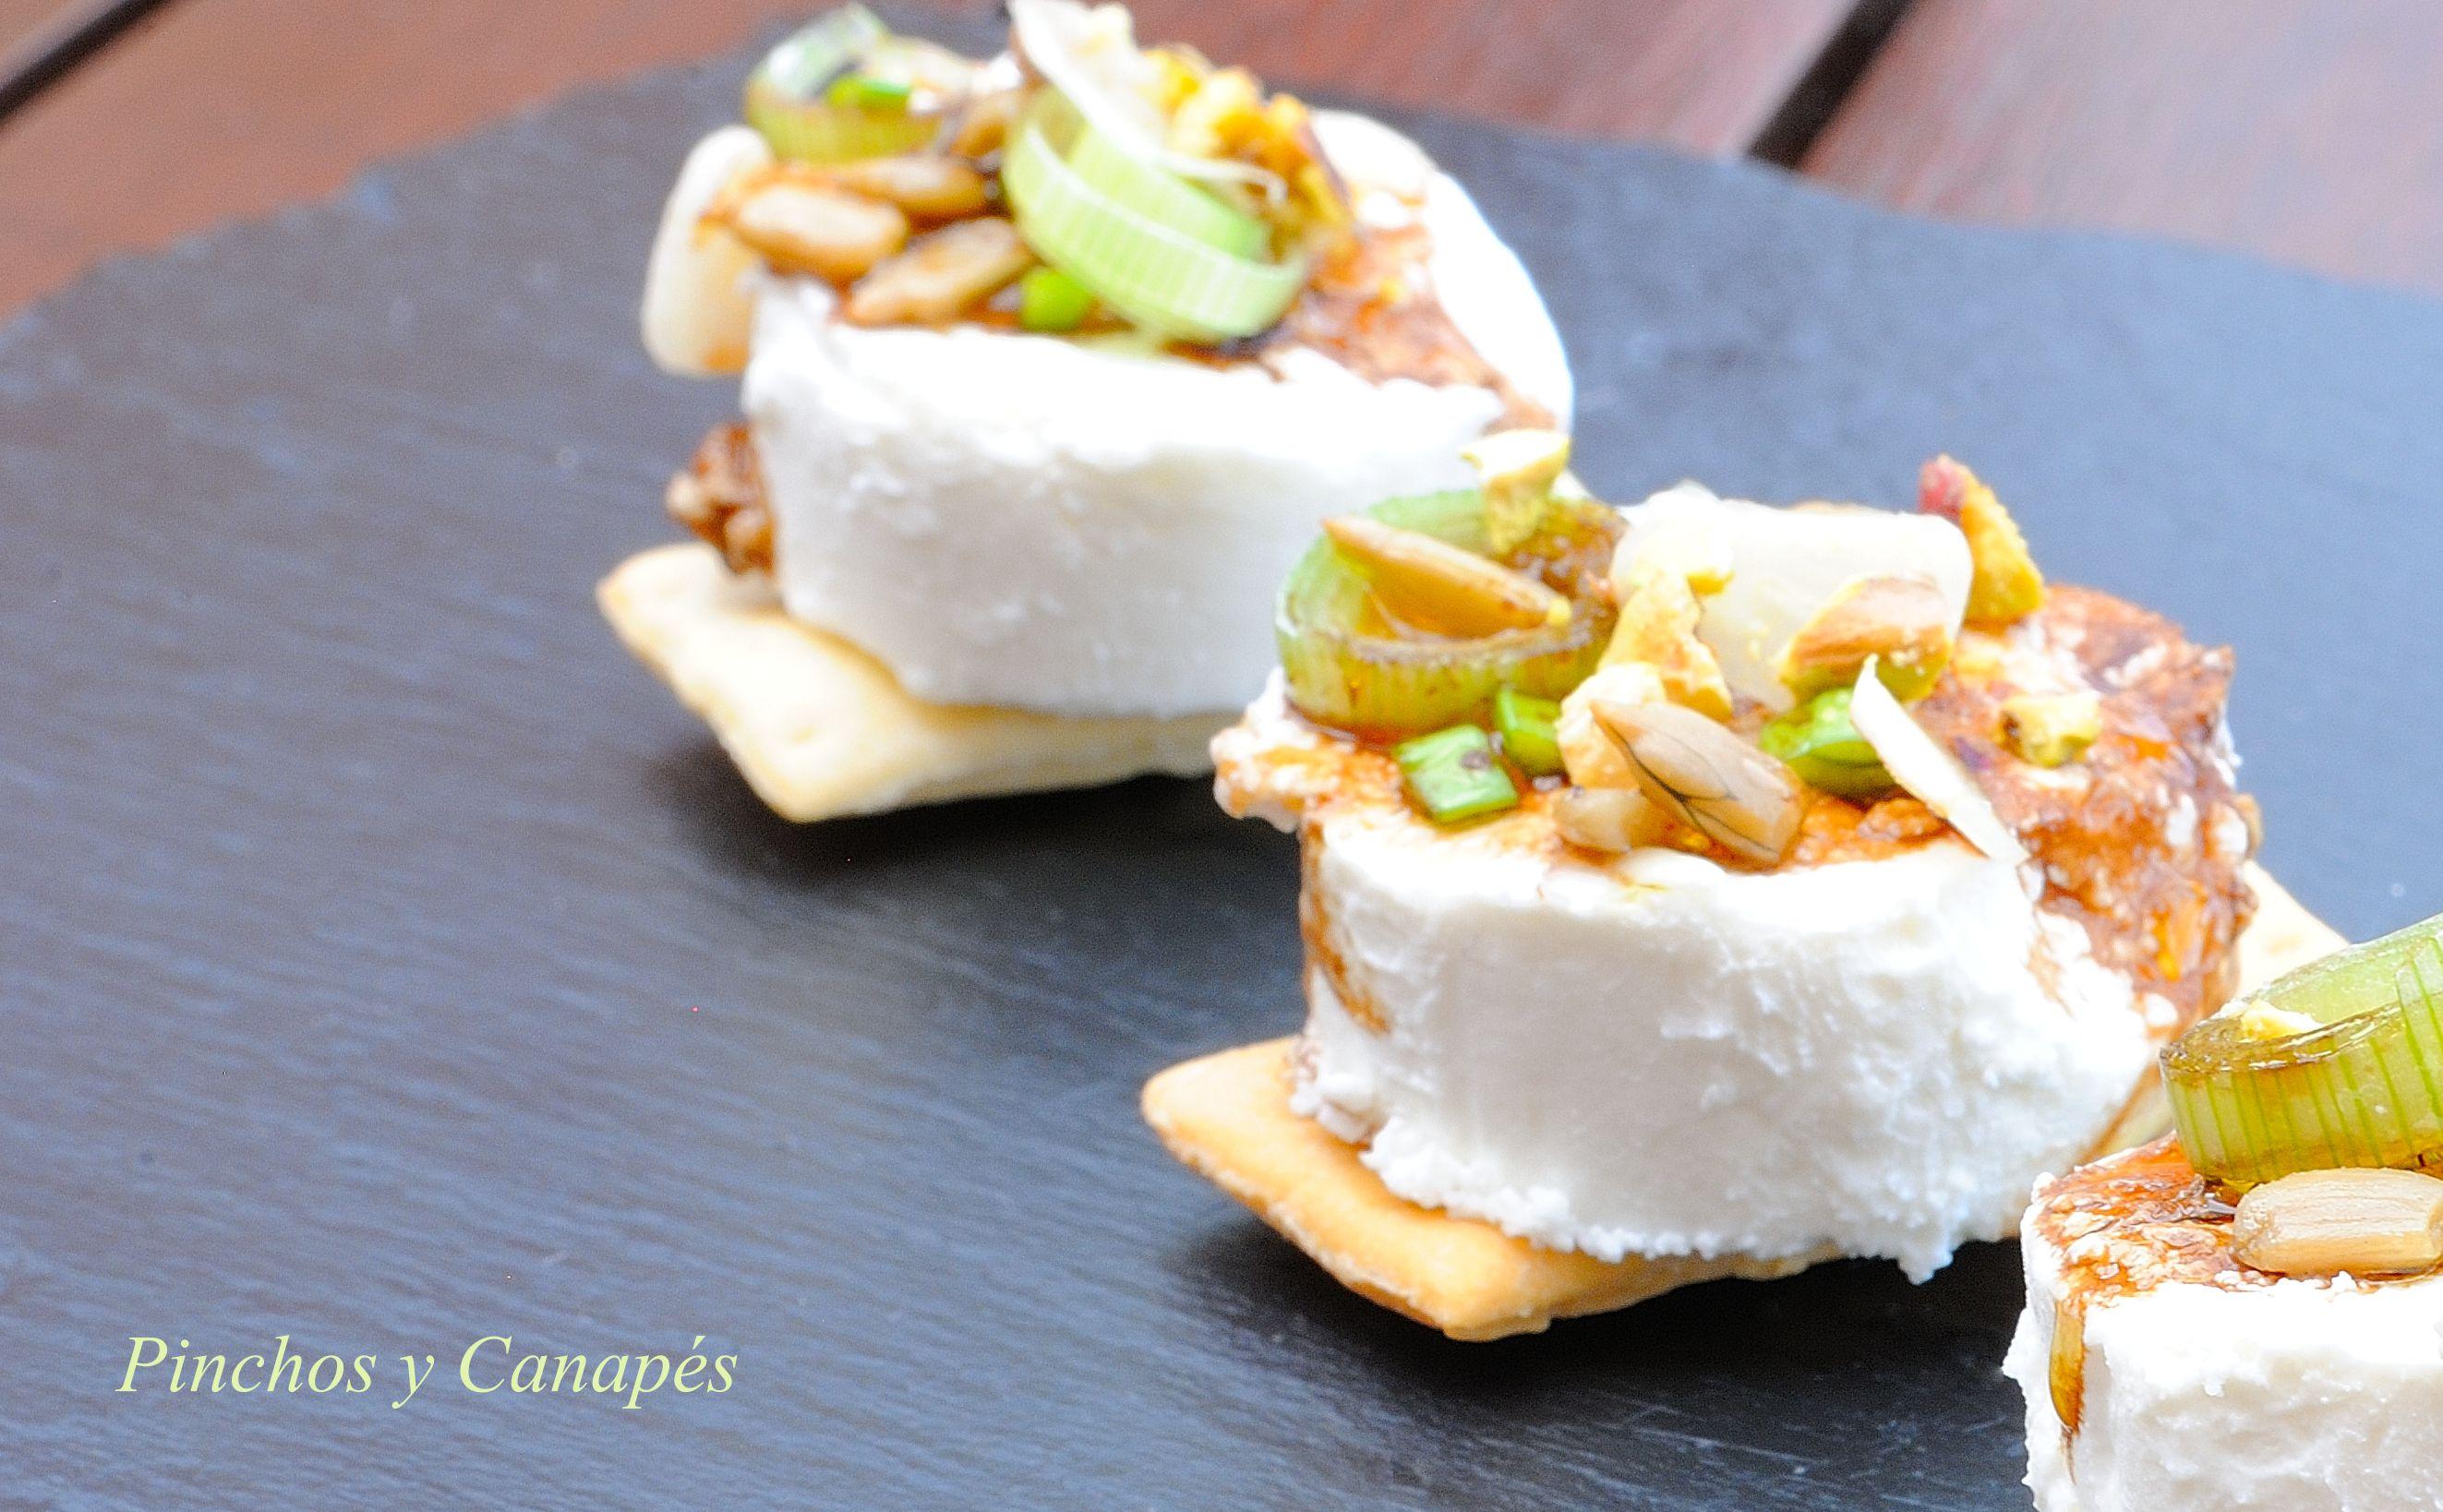 Aperitivo f cil con queso de cabra pinchos canap s - Queso de cabra y colesterol ...